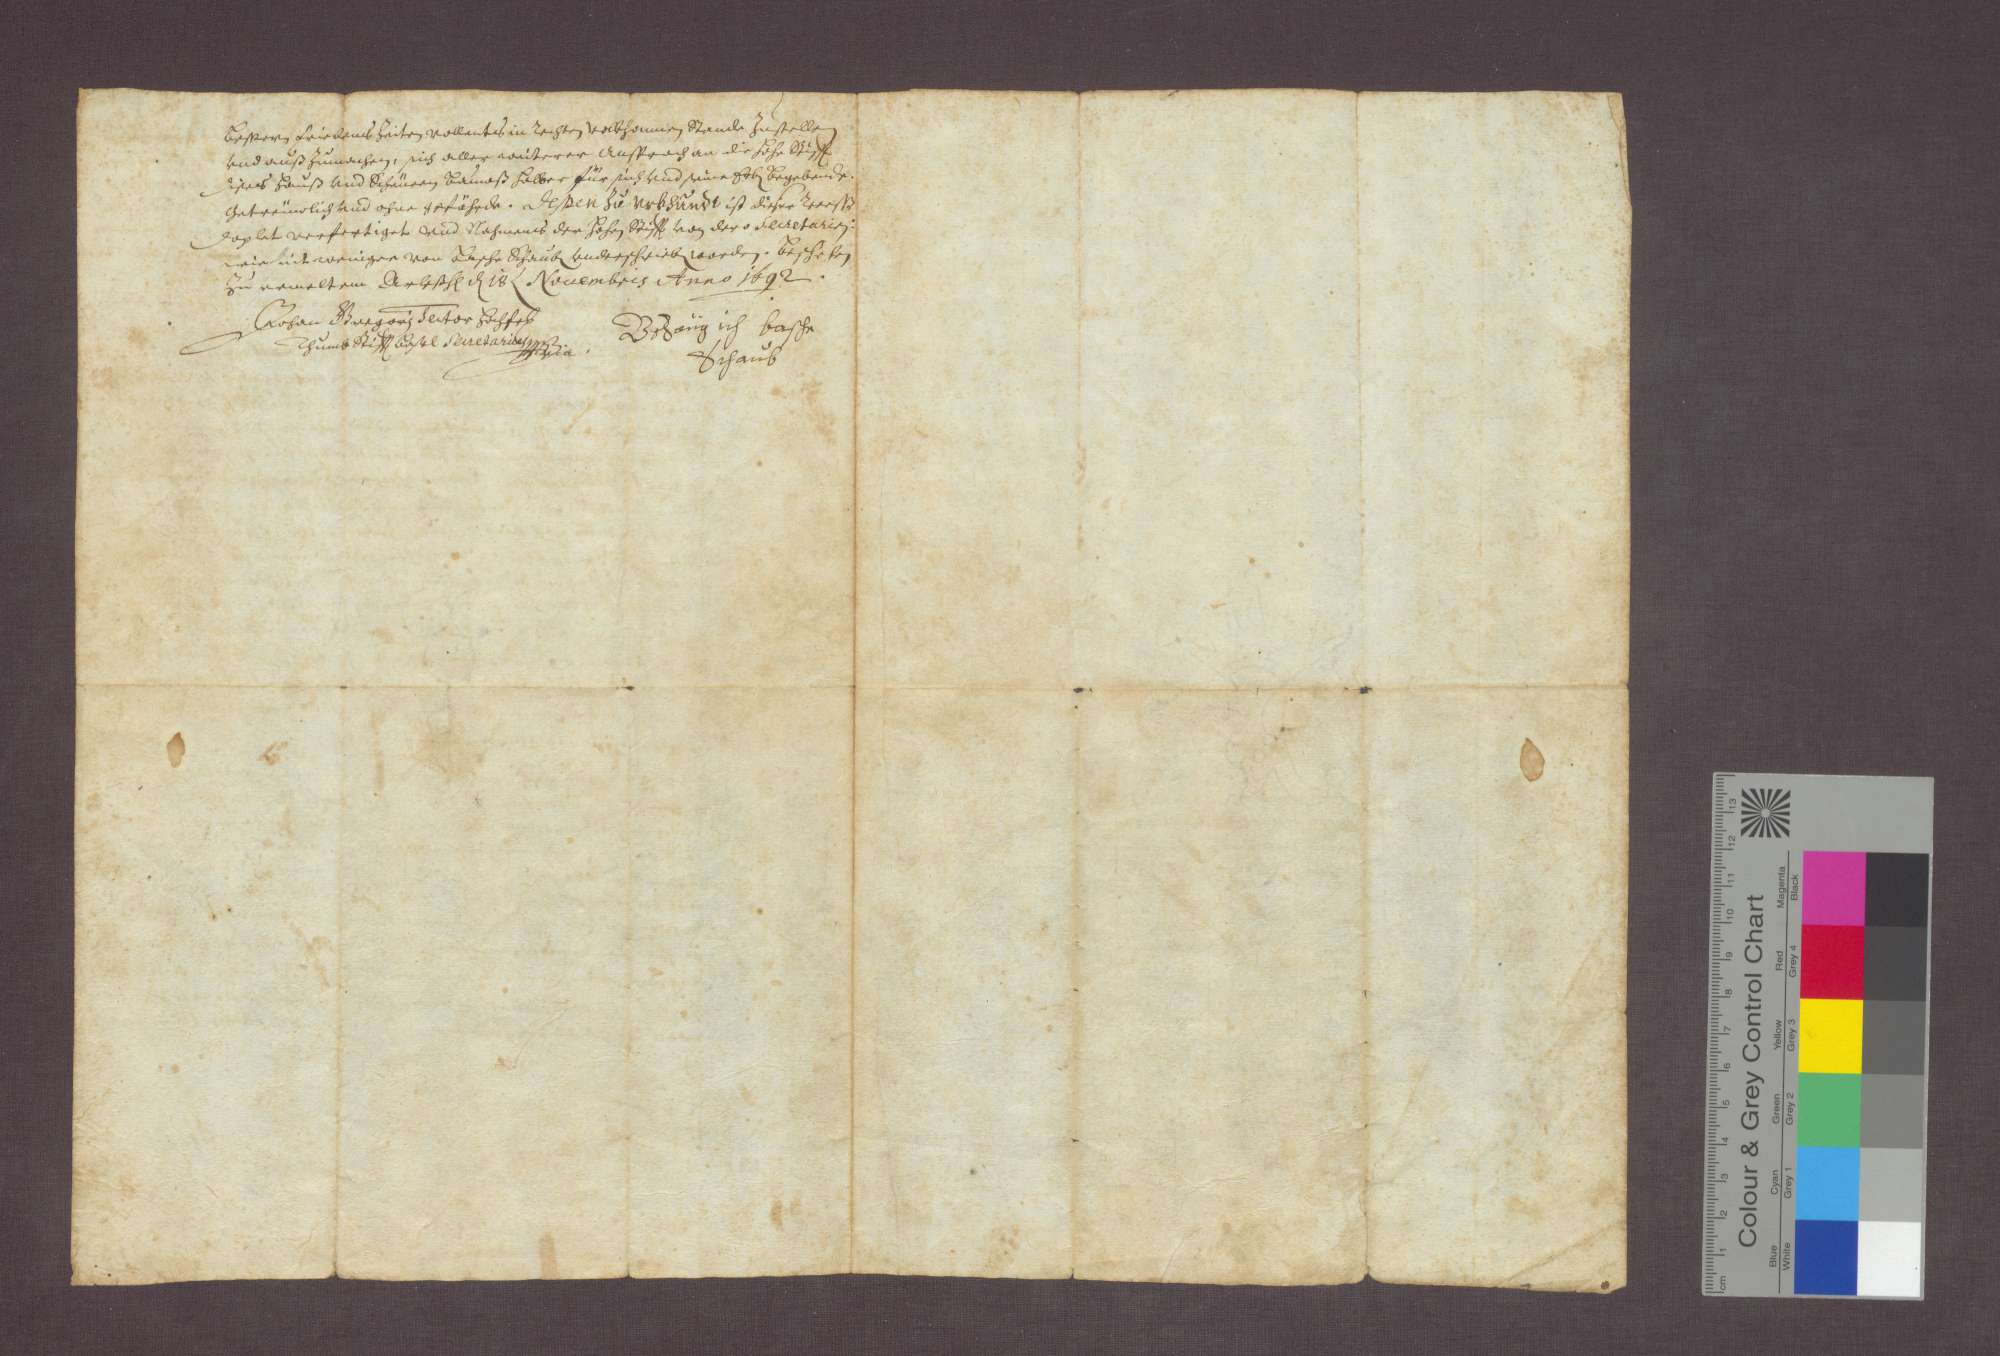 Verlgeich zwischen dem Domstift Basel und Basche Schaub von Gallenweiler über die Wiedererichtung seines niedergebrannten Lehenshofs., Bild 2